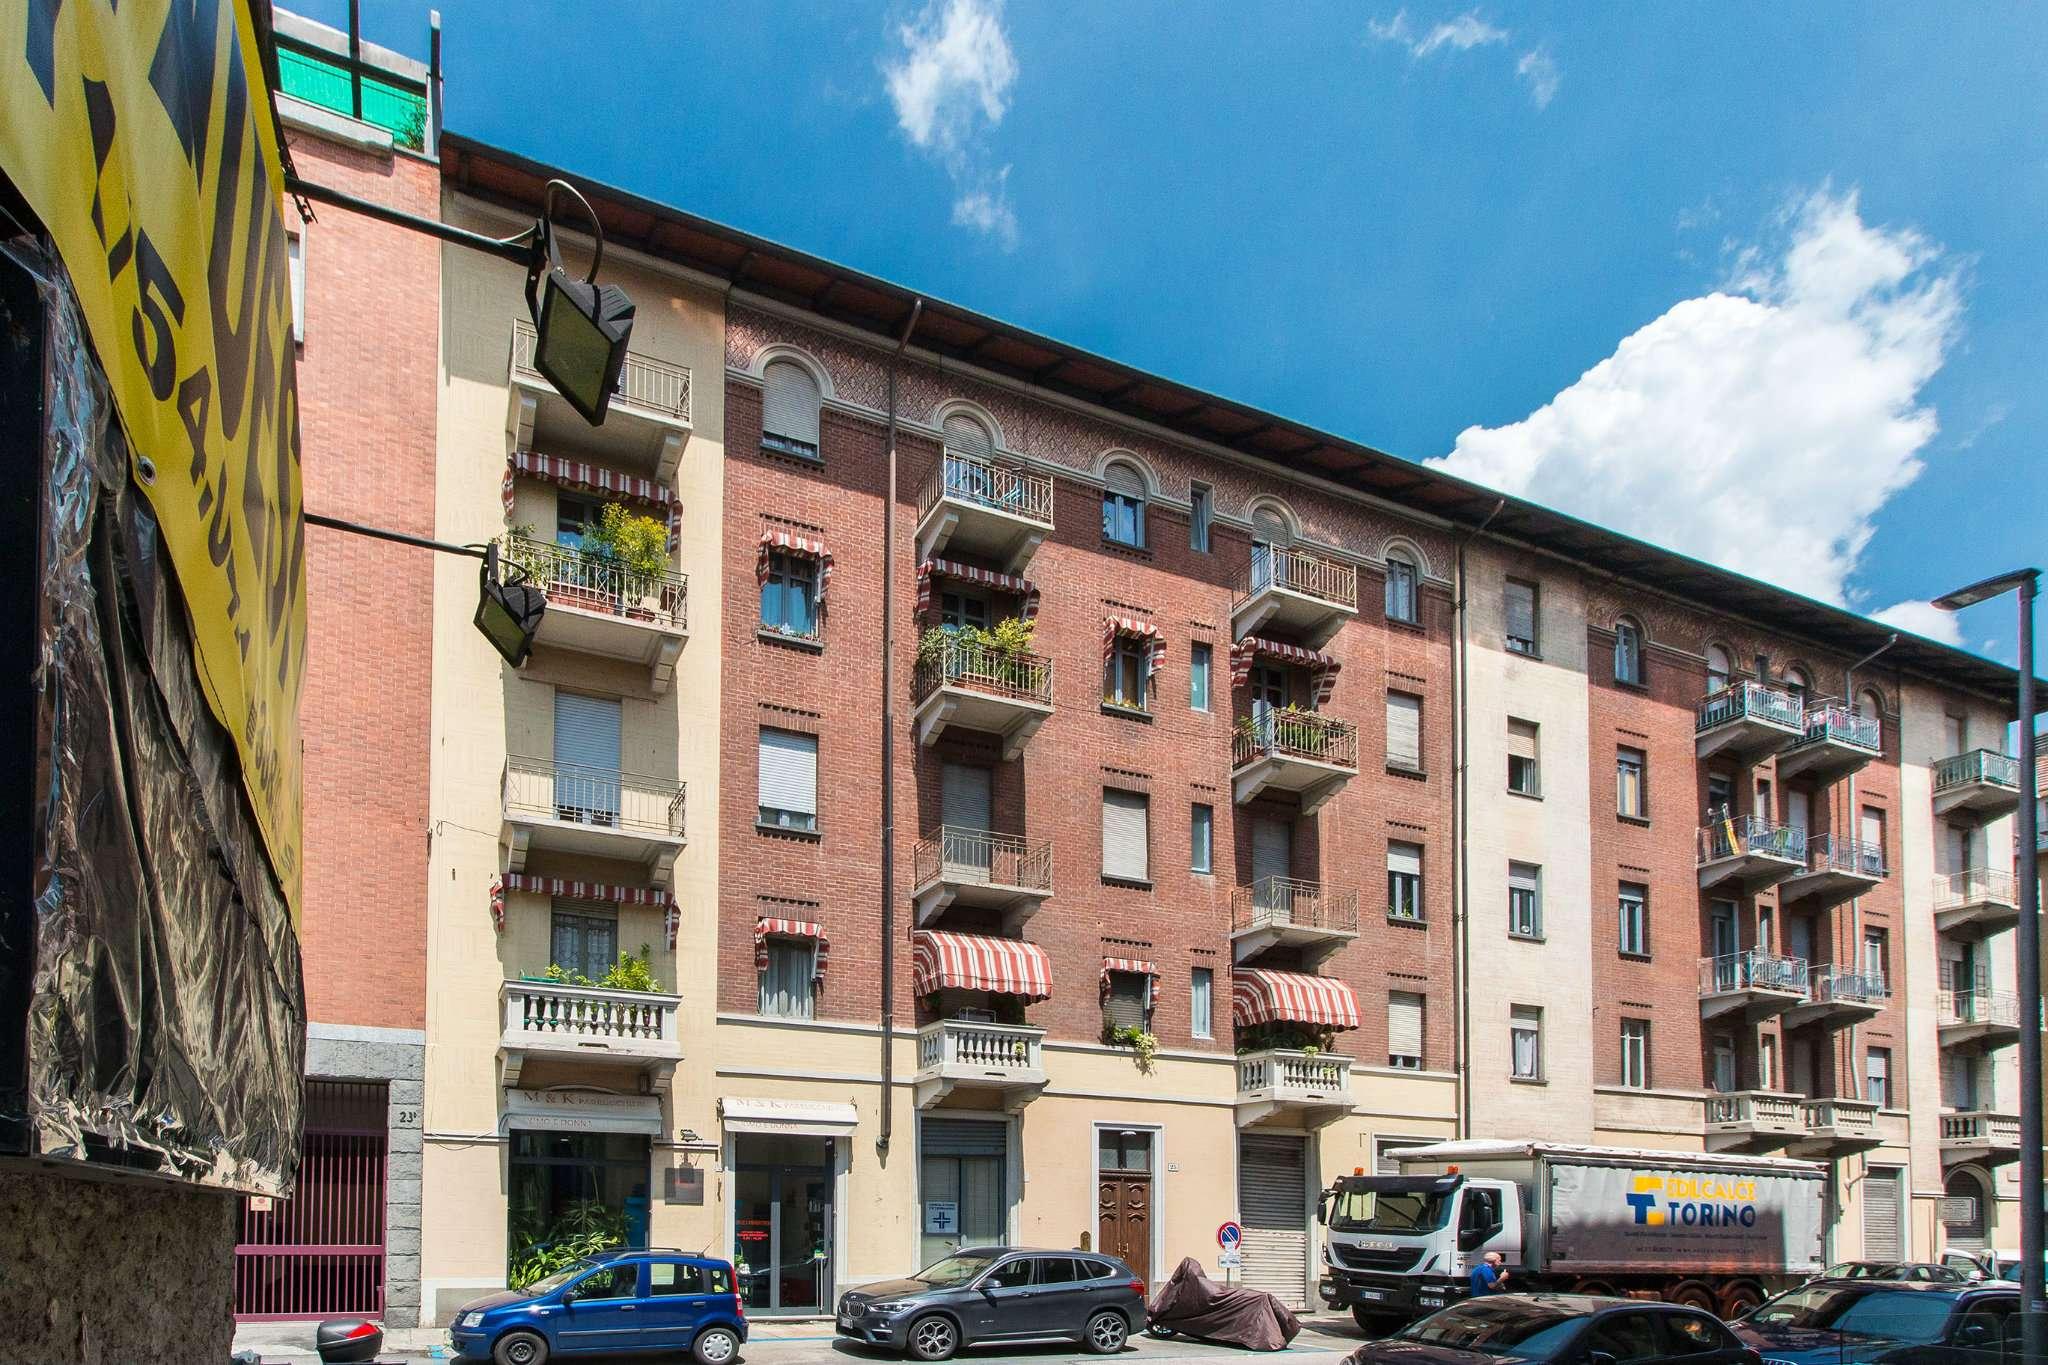 Immagine immobiliare Vicinanze ospedale Molinette Via Cellini, adiacenze corso Massimo d'Azeglio, proponiamo appartamento in stabile d'epoca signorile, totalmente rivisto e restaurato nelle parti comuni, sito al 2° piano con ascensore, totalmente...